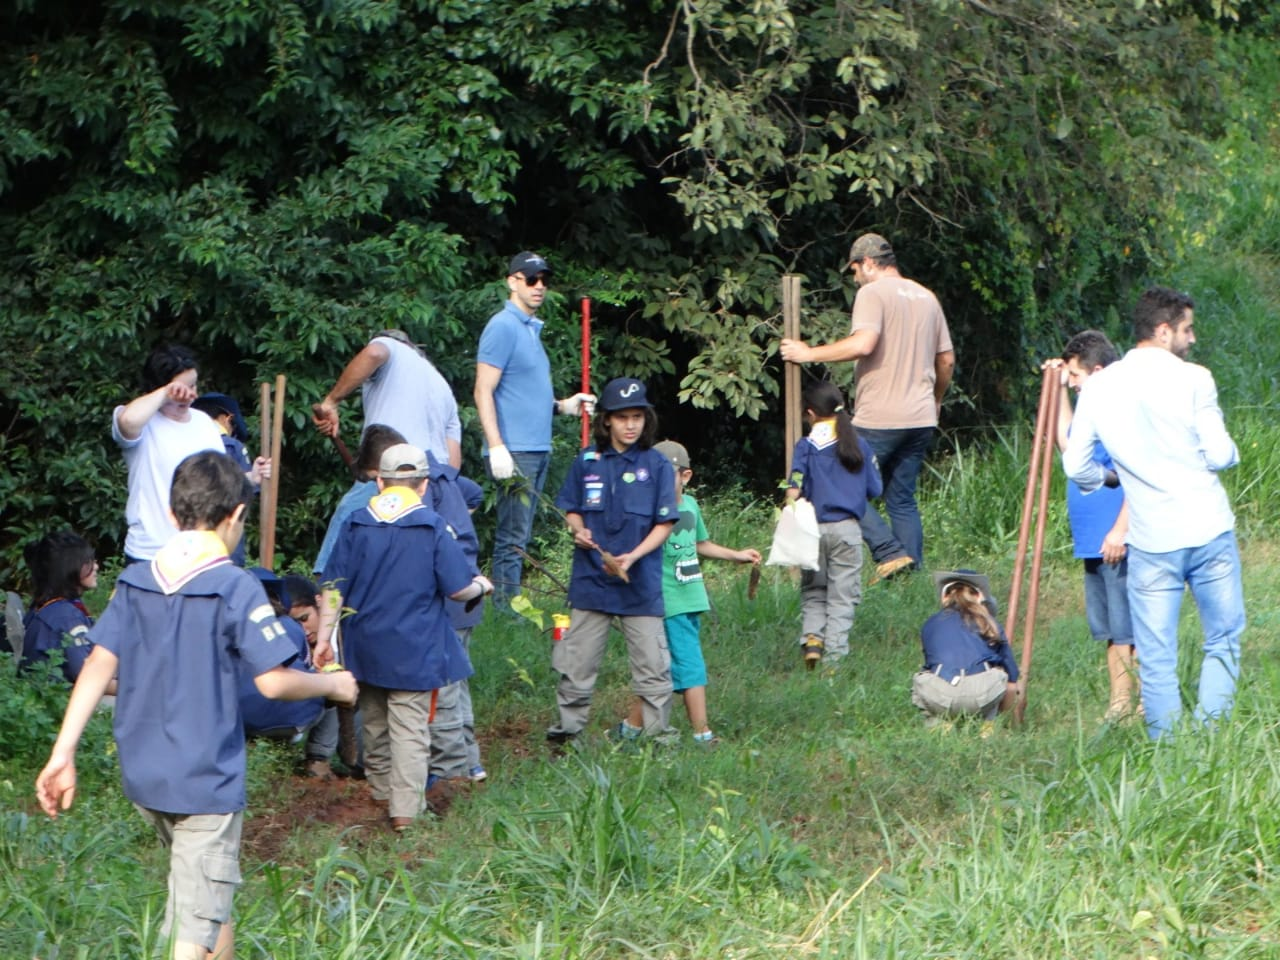 MUTECO Escoteiros reflorestam área de  preservação no Parque D. Pedro